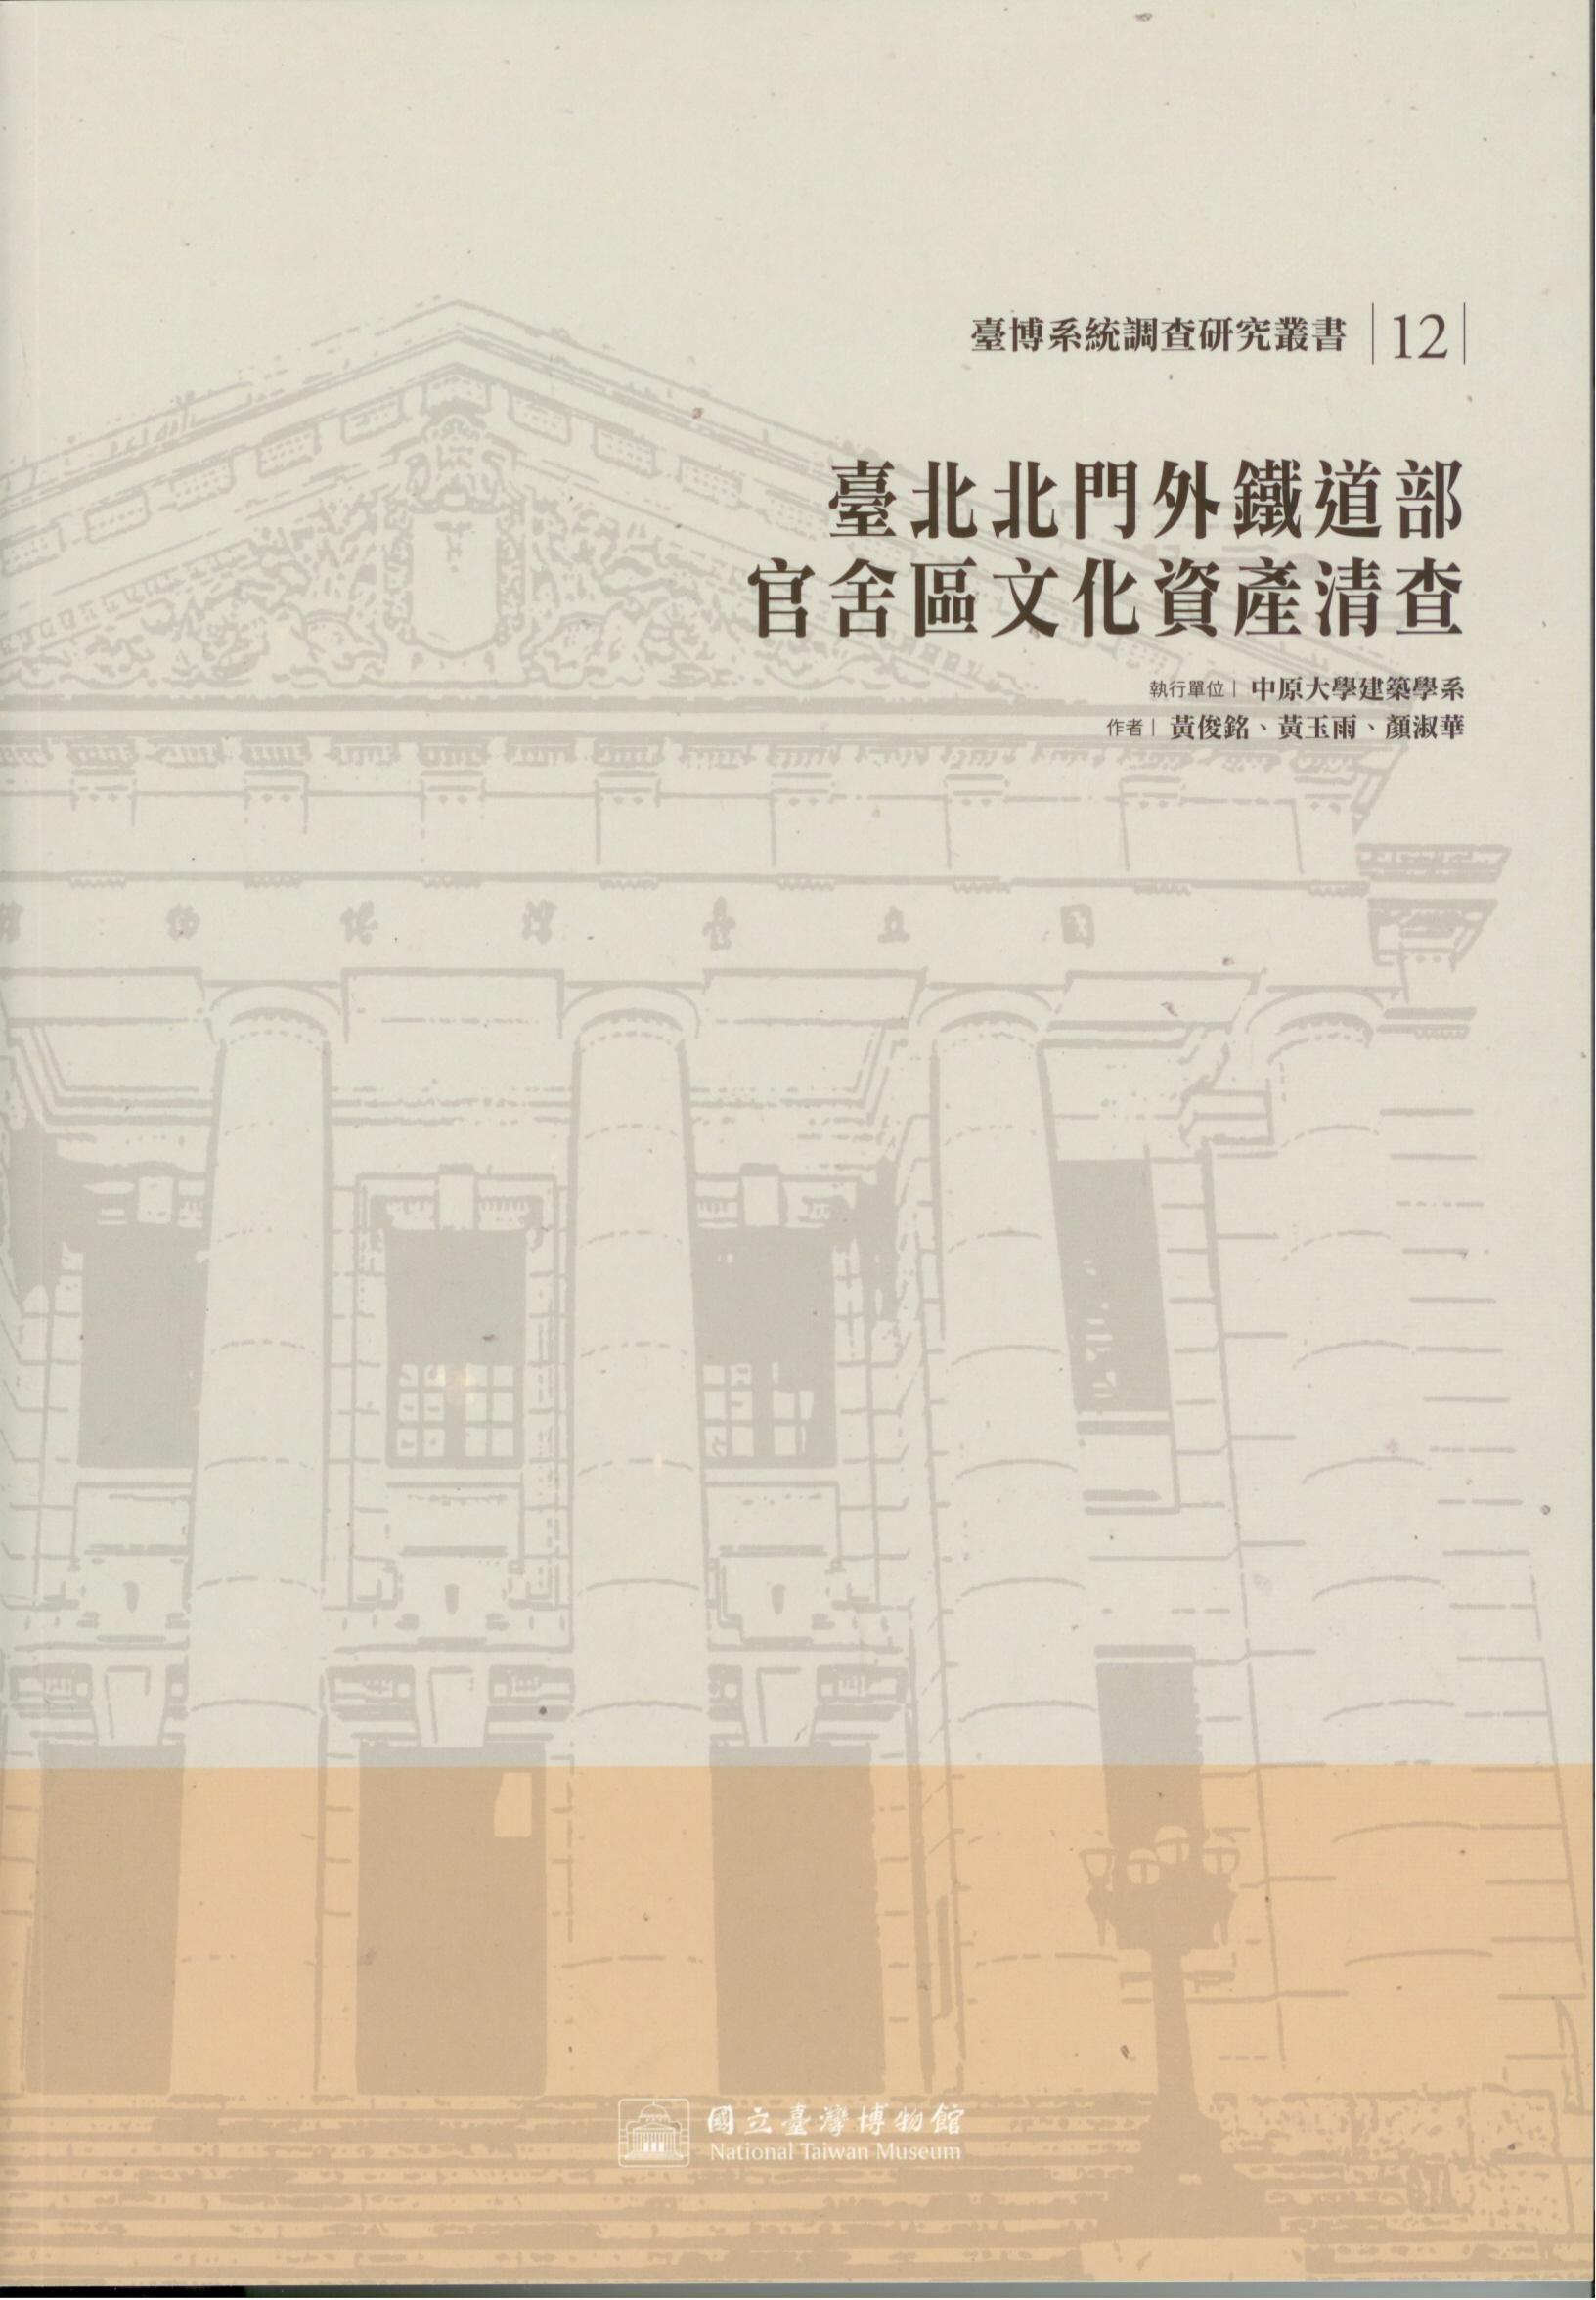 臺北北門外鐵道部官舍區文化資產清查